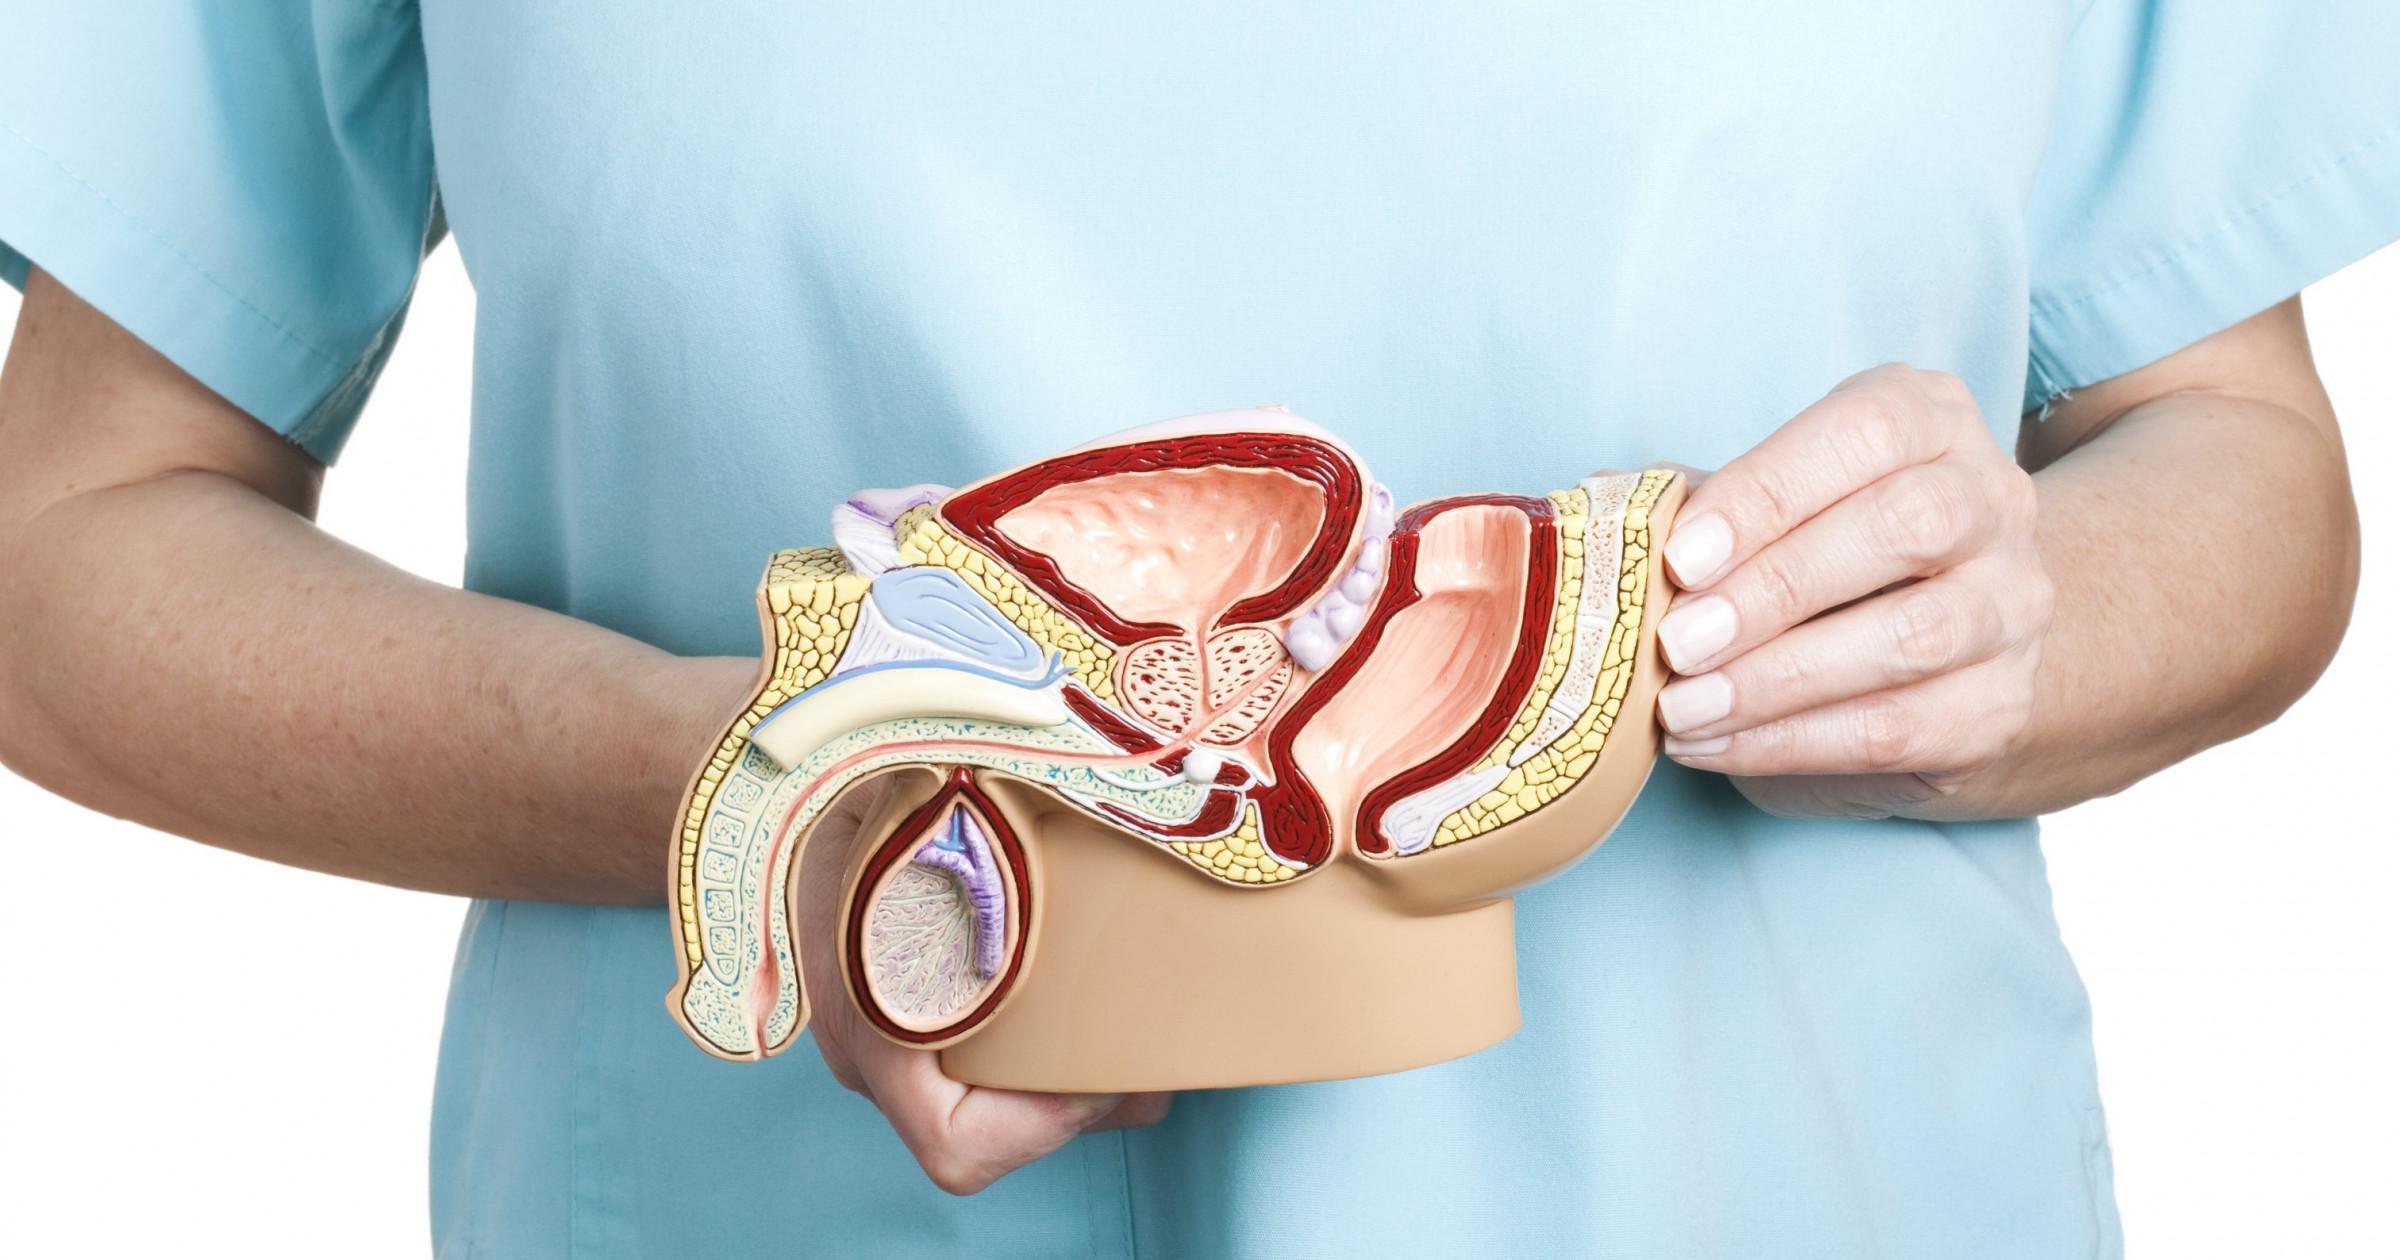 L-аргинин плюс экстракт сосновой коры против эректильной дисфункции